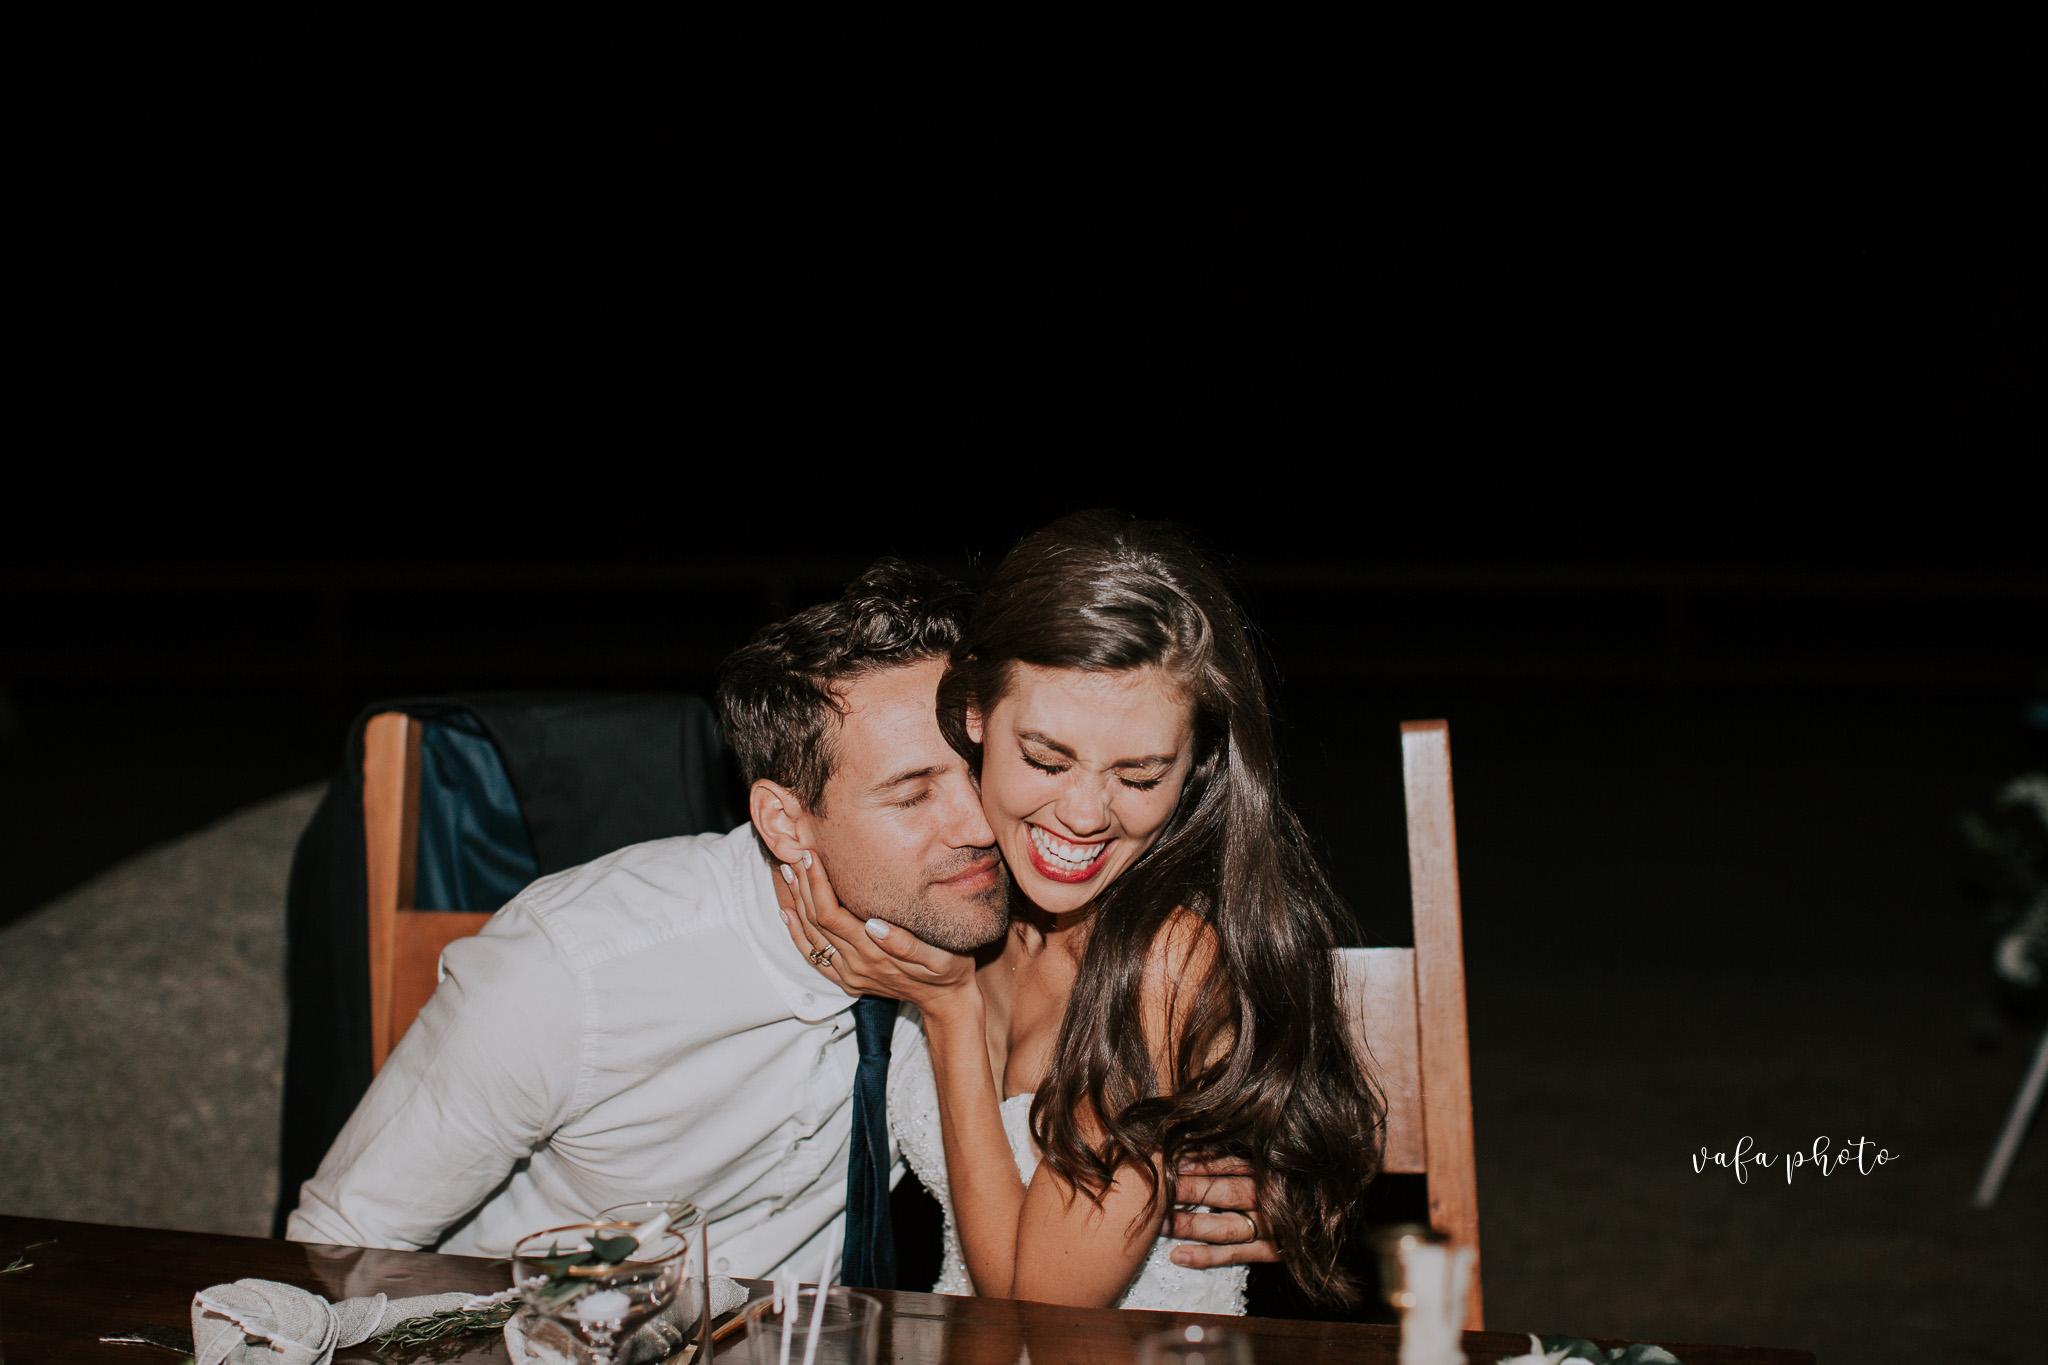 Southern-California-Wedding-Britt-Nilsson-Jeremy-Byrne-Vafa-Photo-1115.jpg